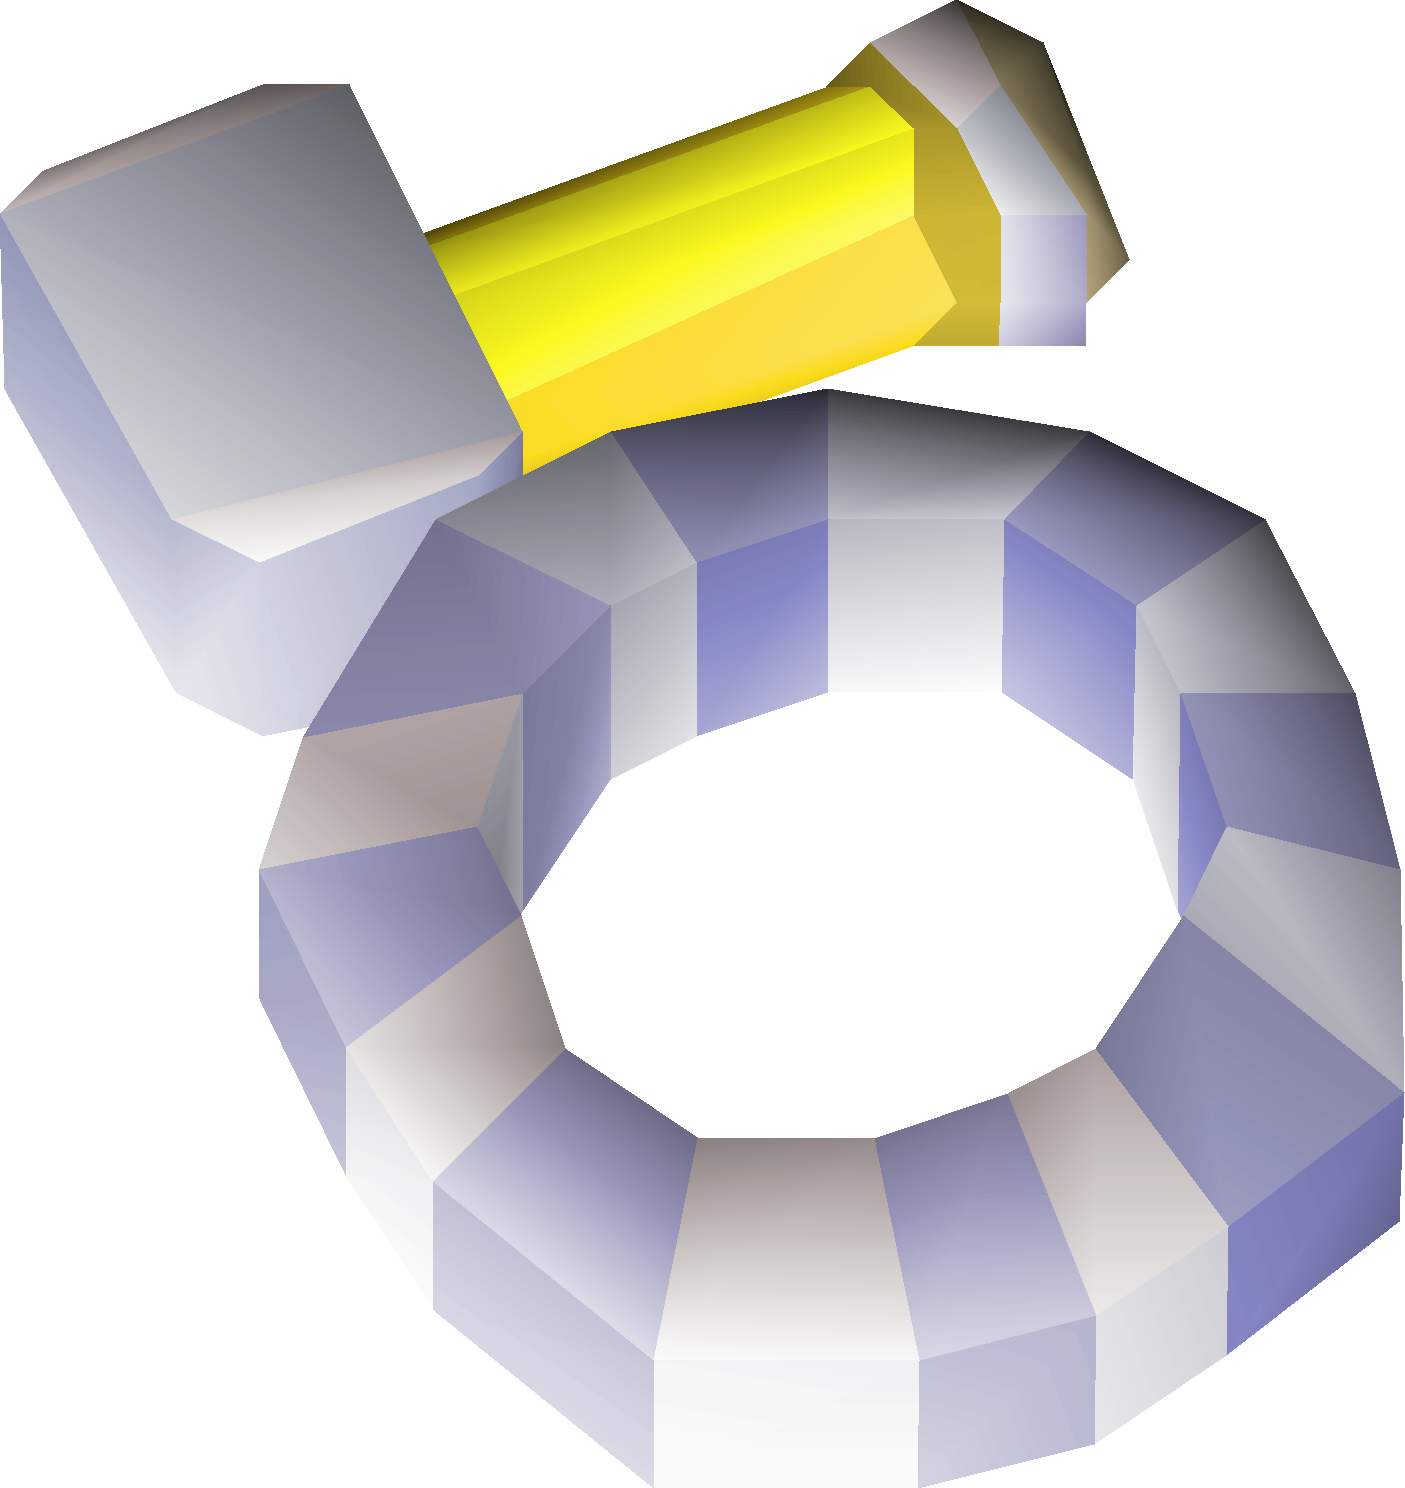 Berserker ring (i) - OSRS Wiki